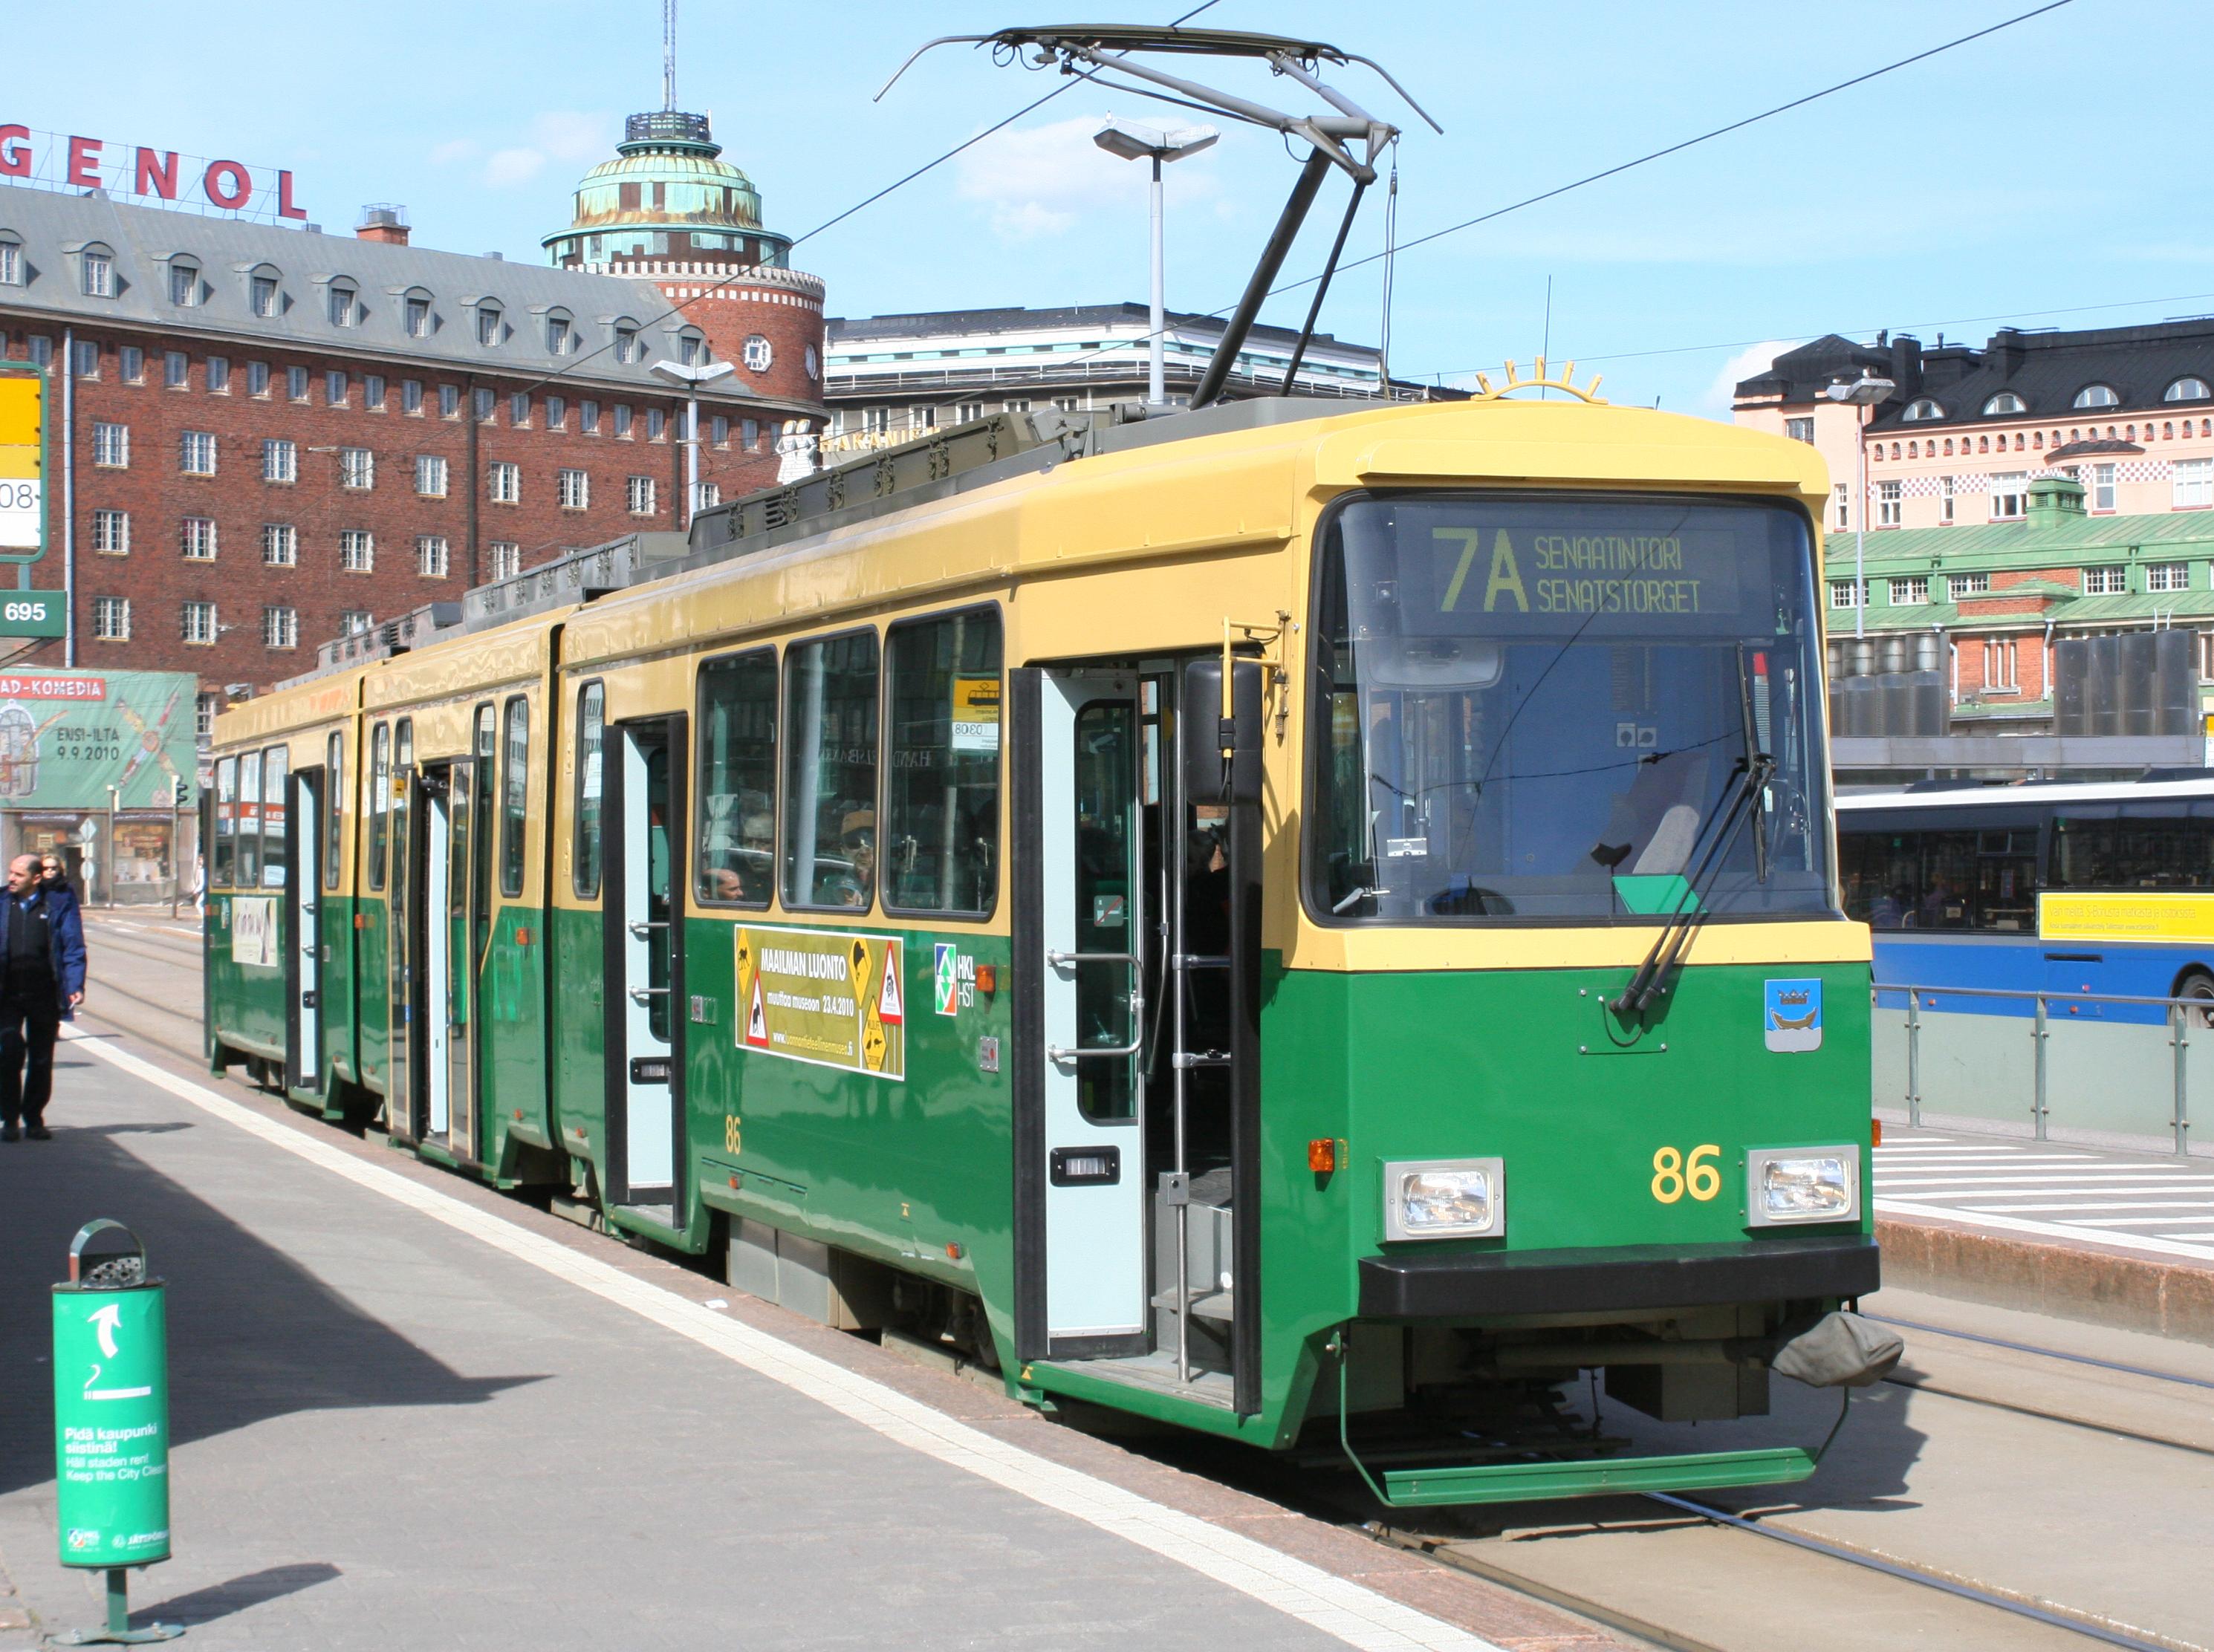 kuva: Kalle Id/Wikipedia